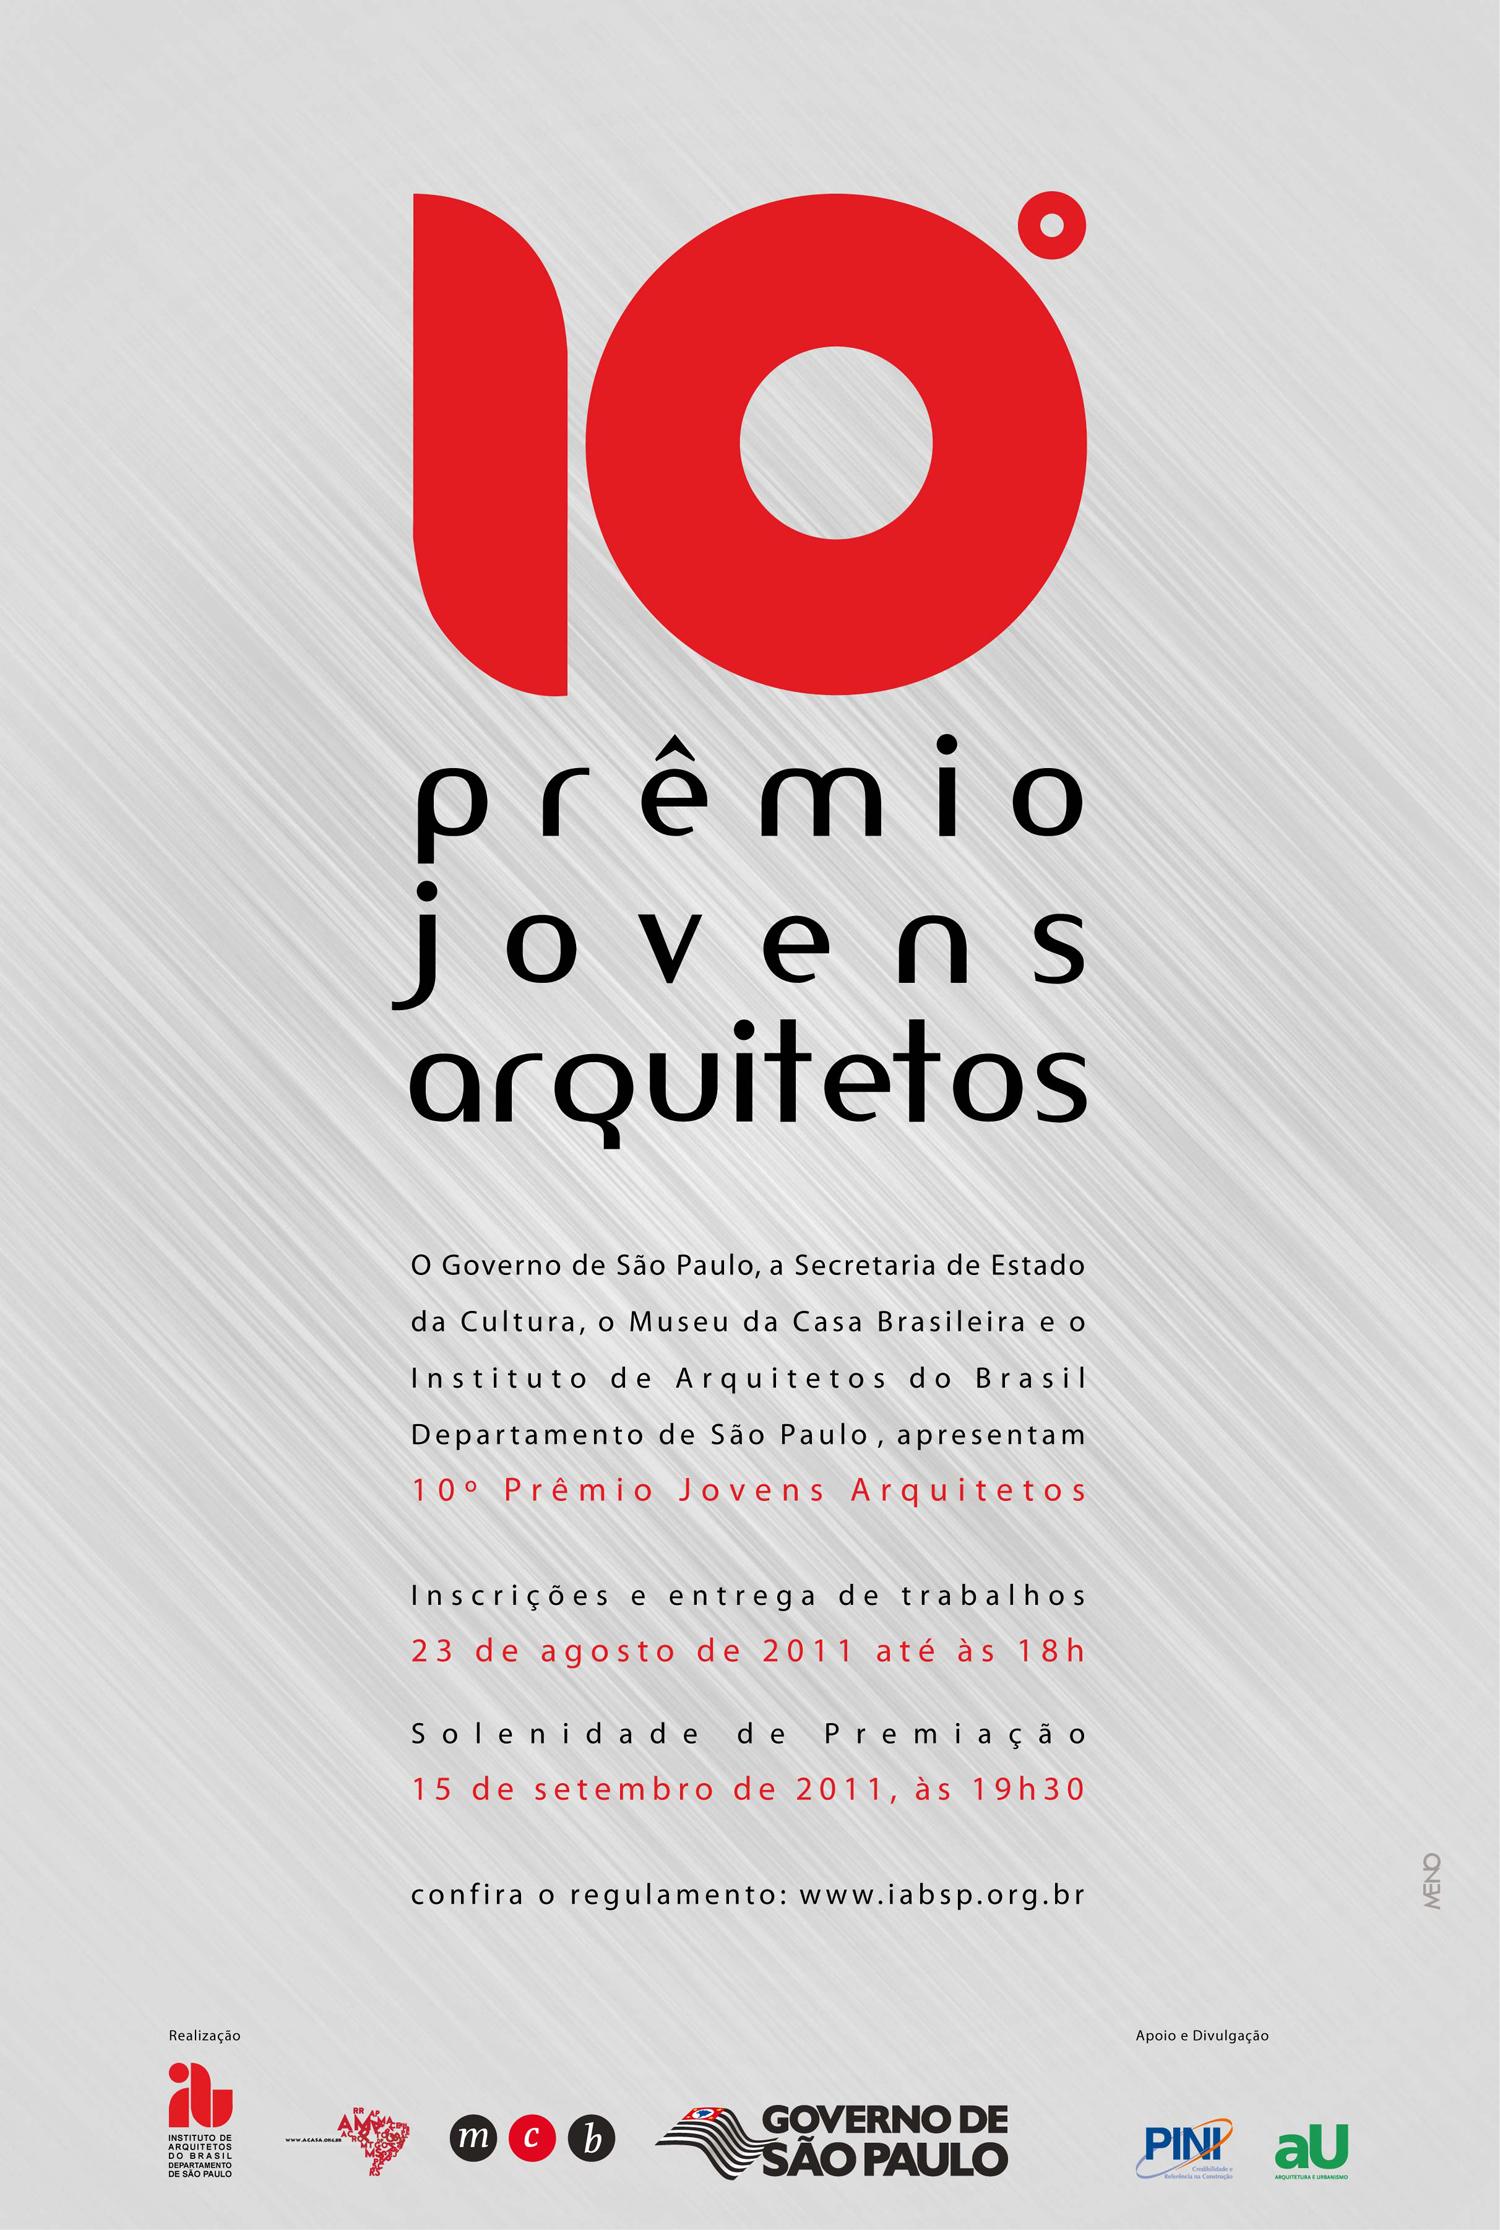 PREMIADOS – 10º PRÊMIO JOVENS ARQUITETOS - IAB / São Paulo - SP, Imagem via IAB/SP